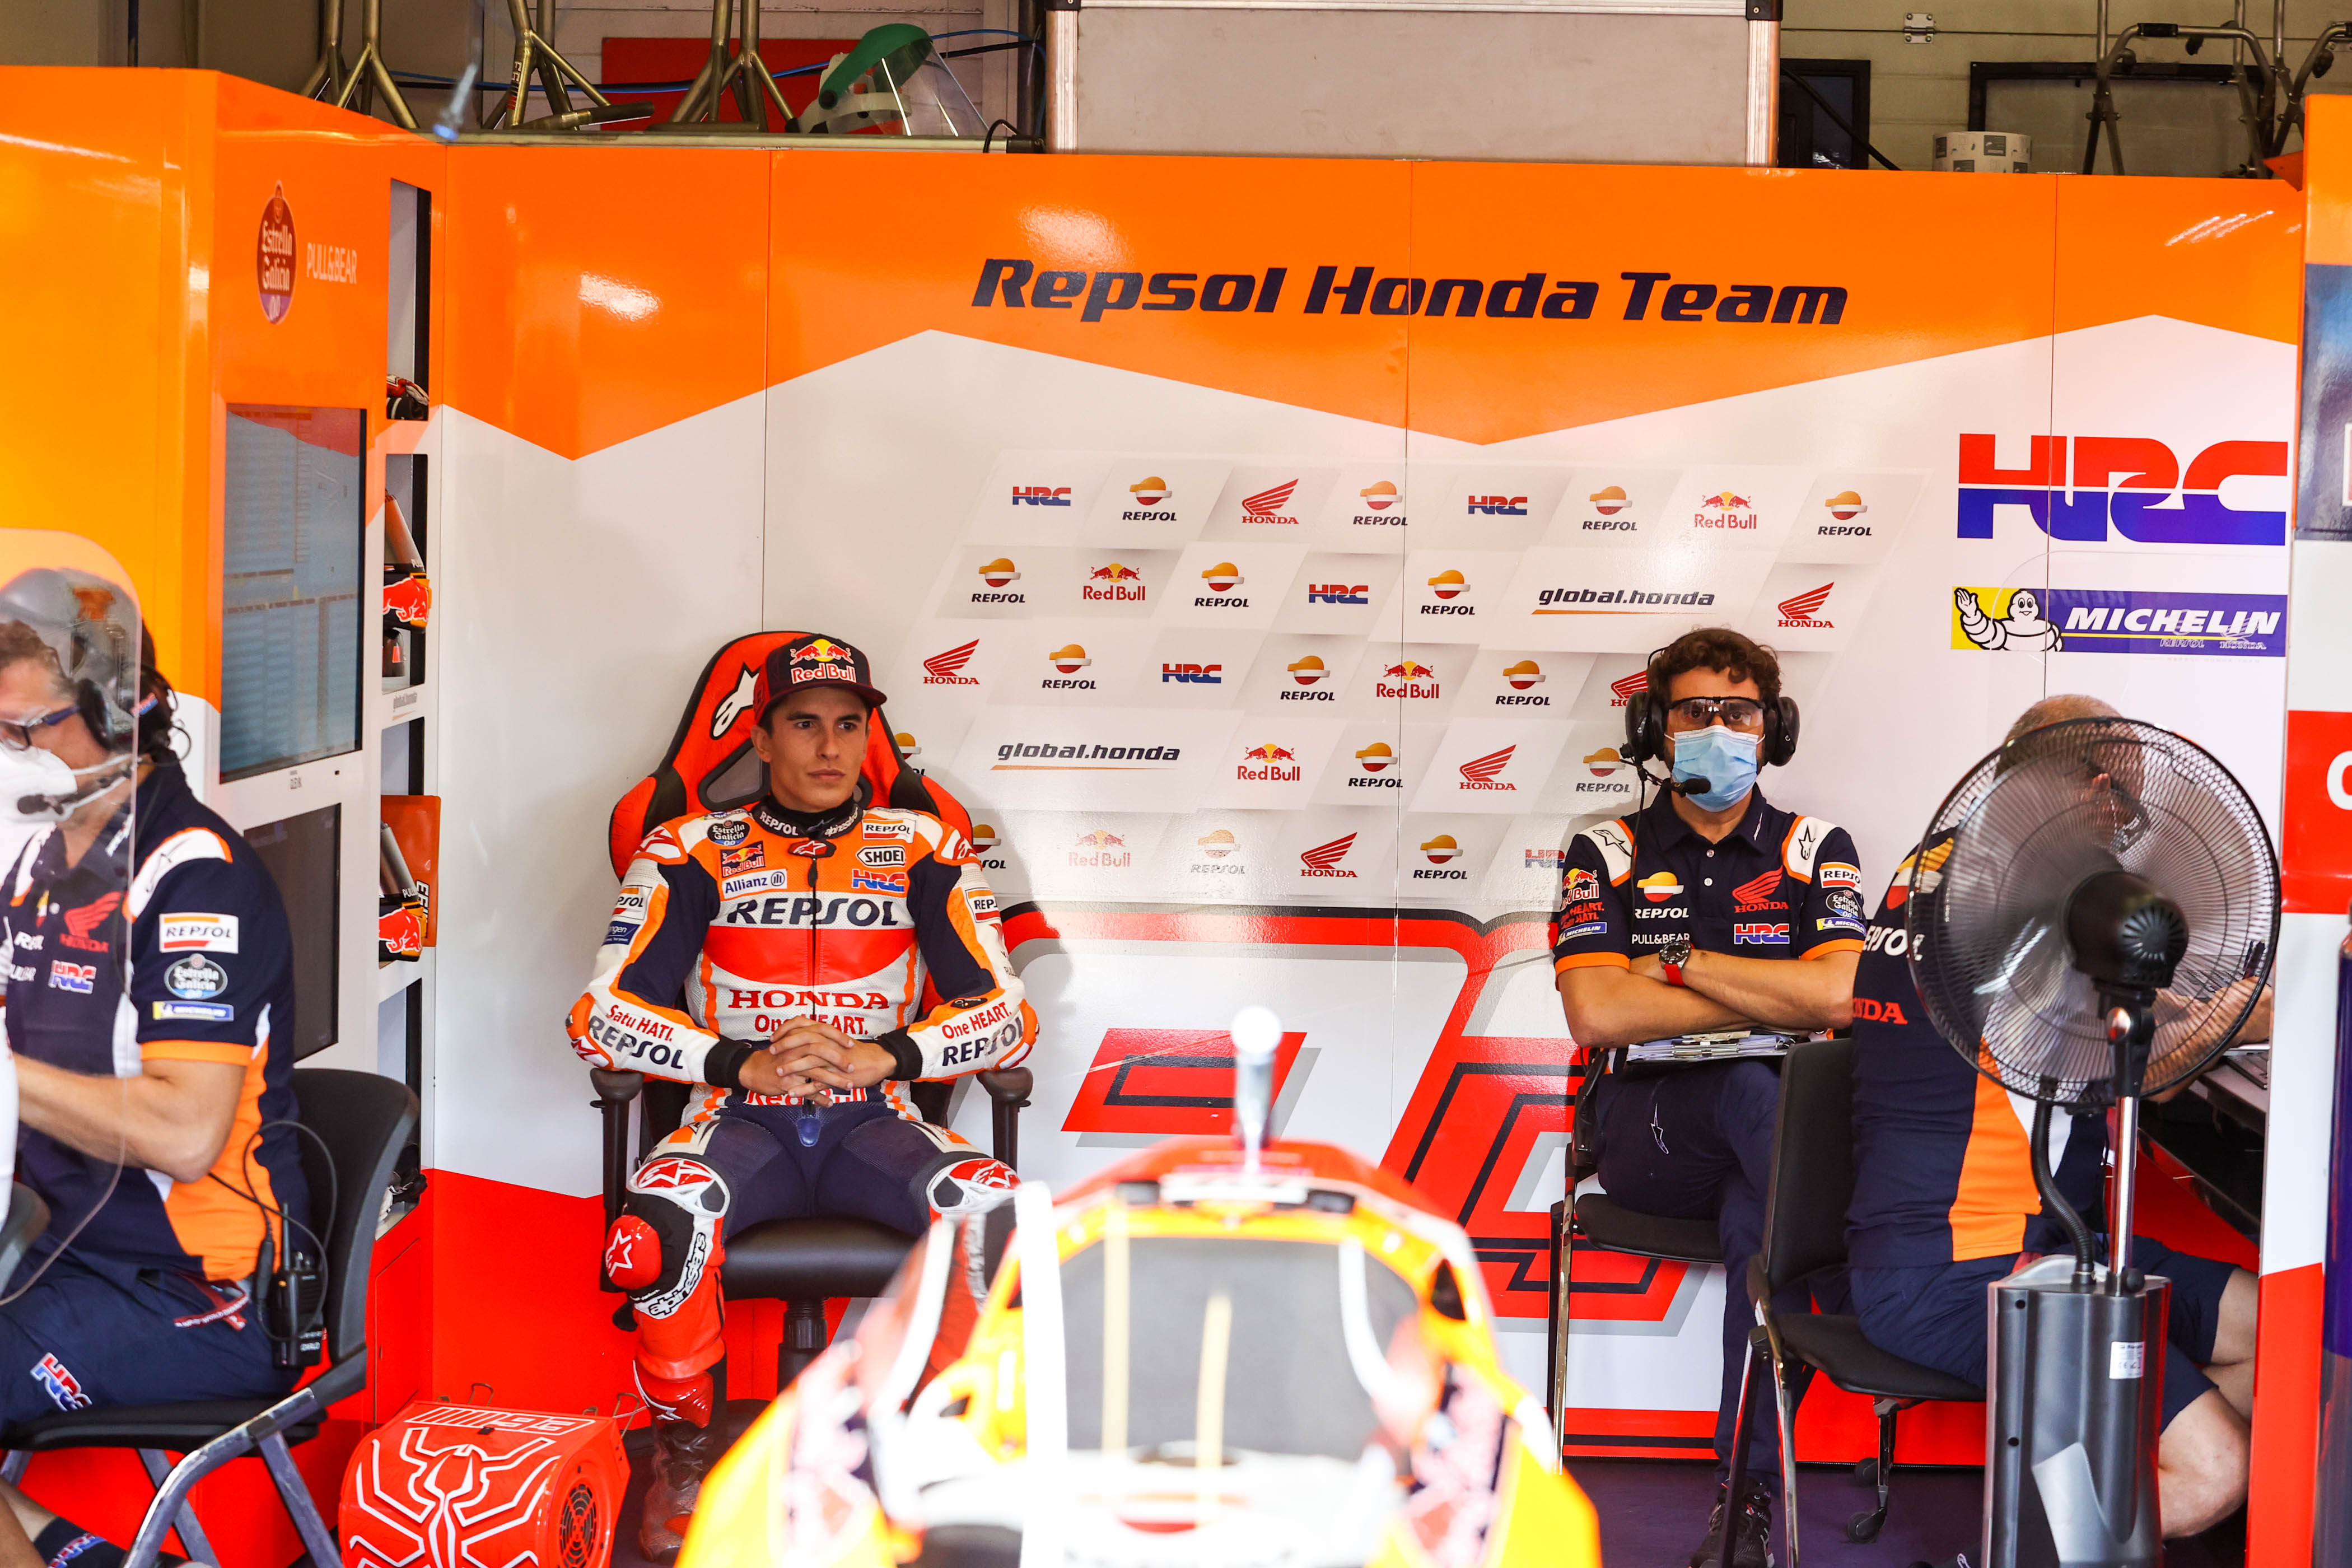 Marc Márquez no correrá el GP de Andalucía que tendrá a Quartararo desde la pole